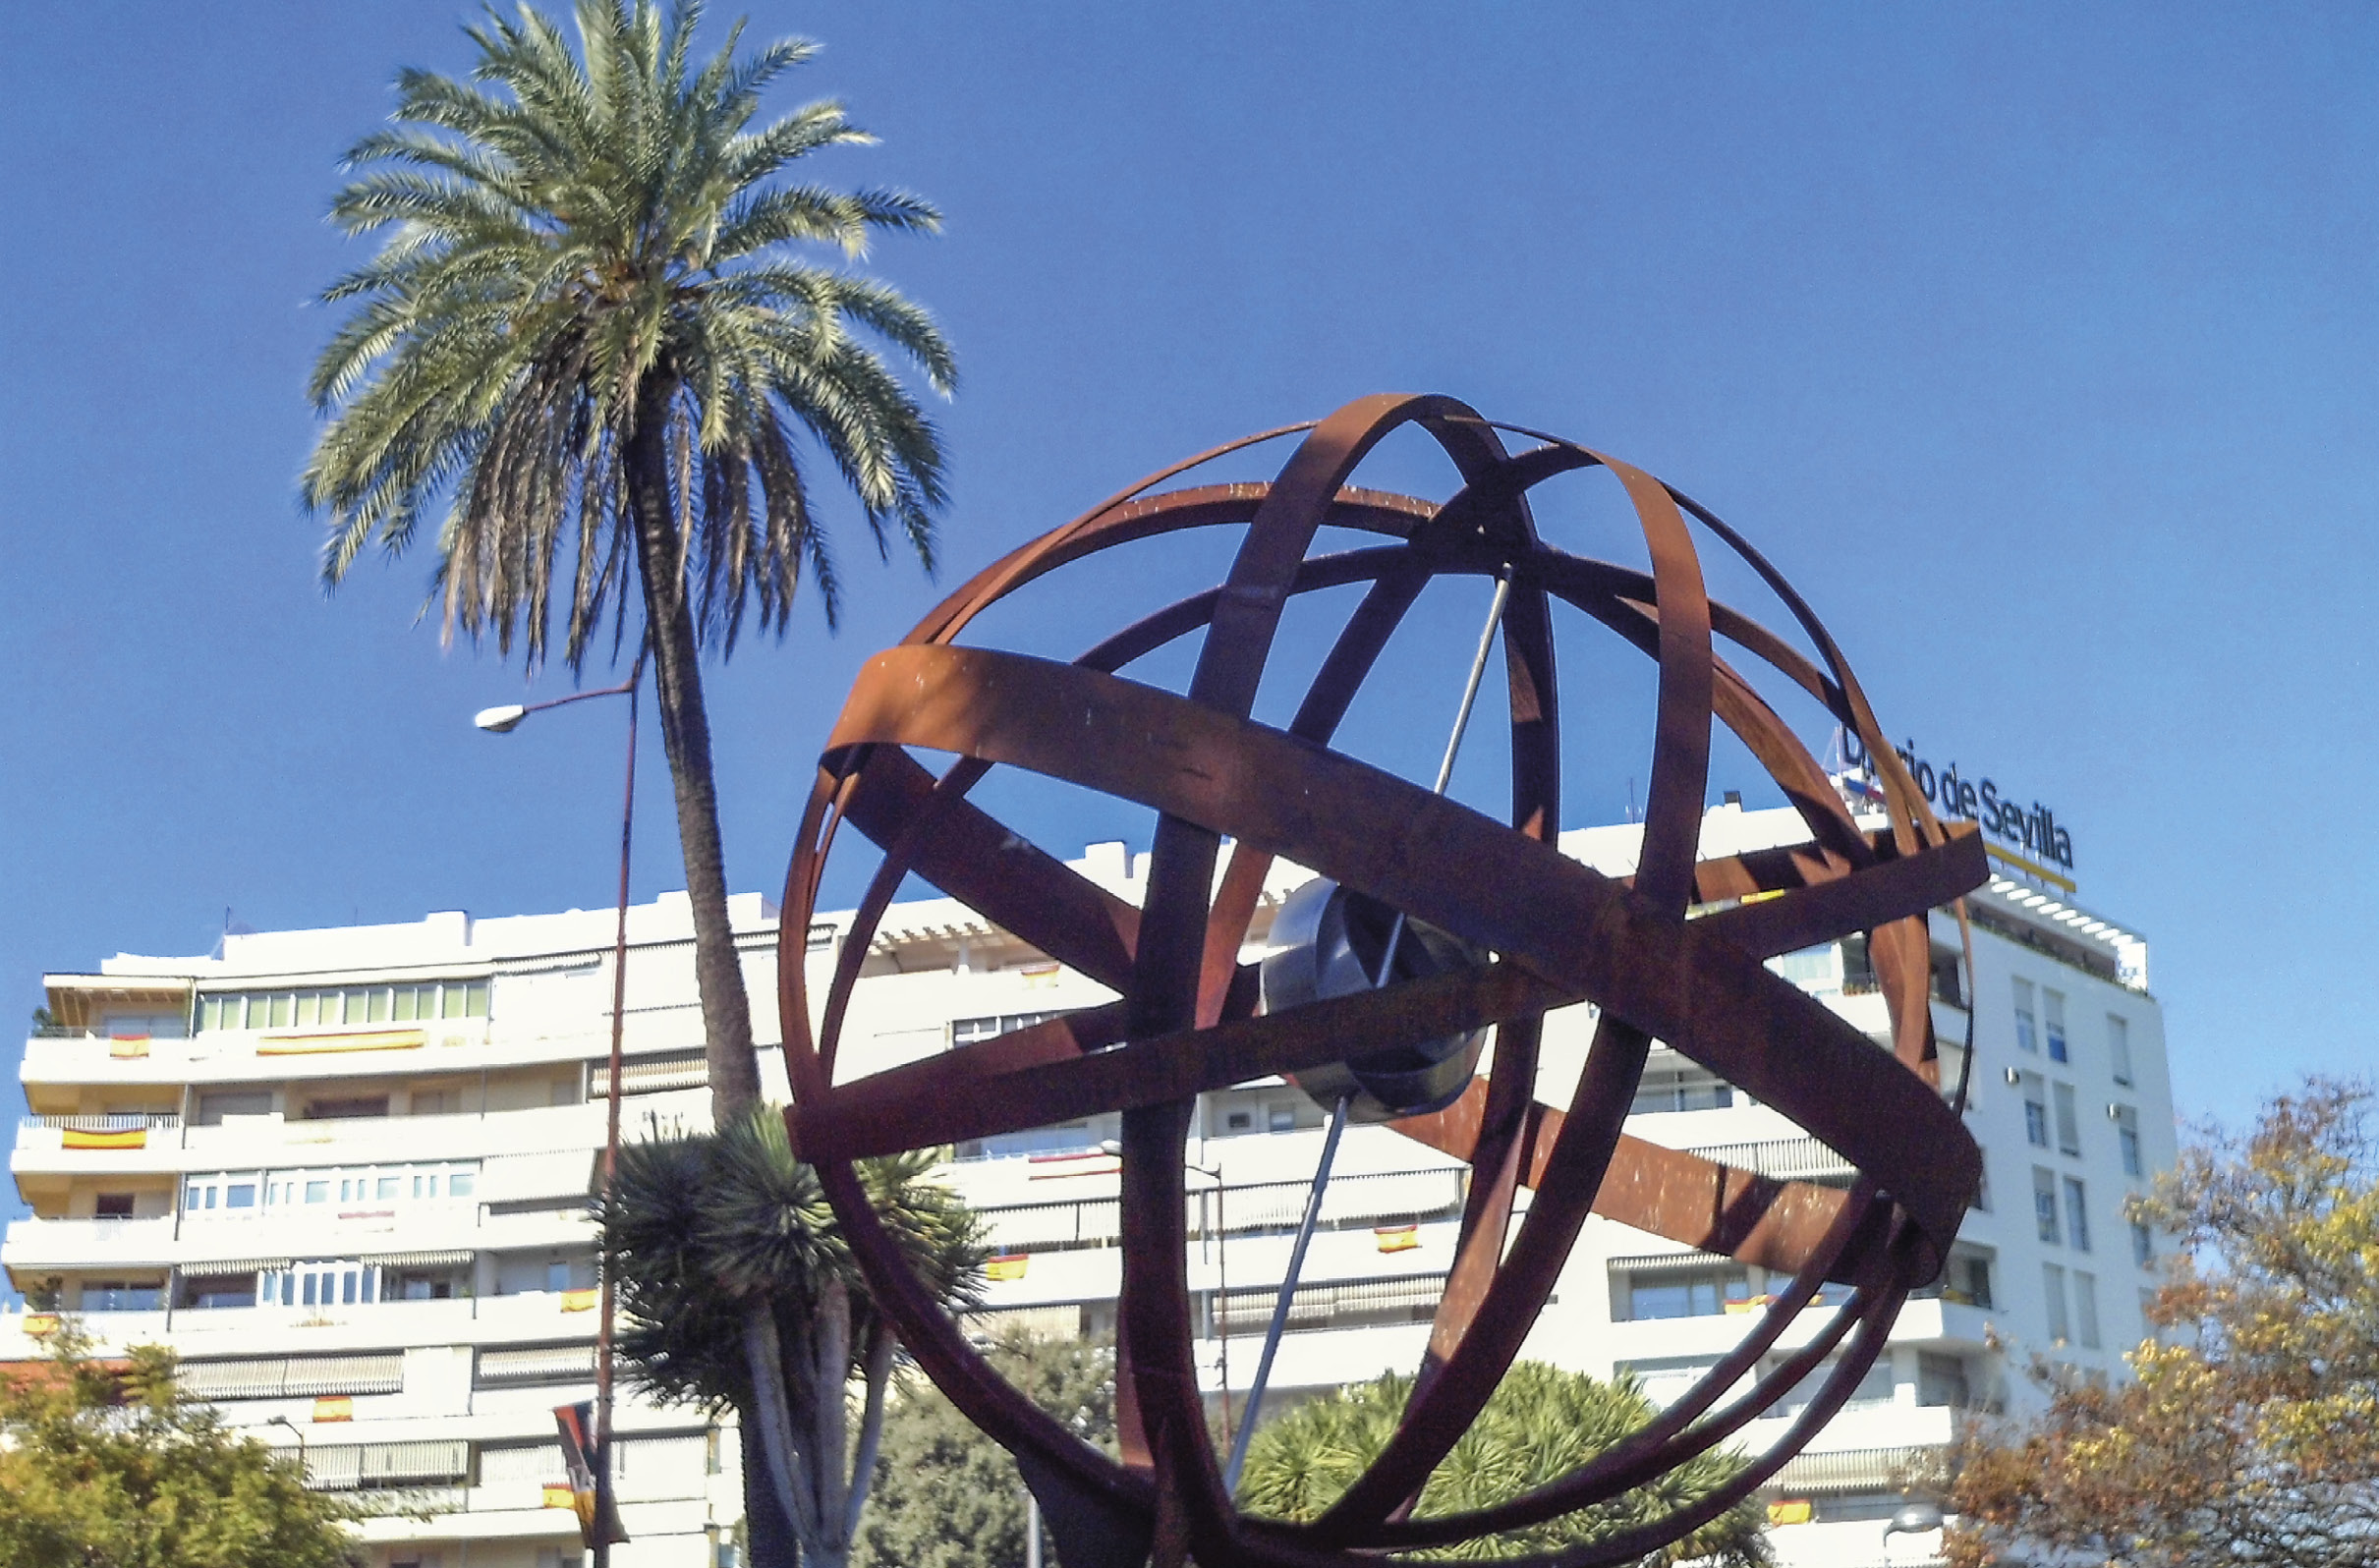 Monumento em homenagem à 1ª Volta ao Mundo (1519-1522). Sevilha, Andaluzia, Espanha. Foto de CarlosVdeHabsburgo / Wikimedia Commons.